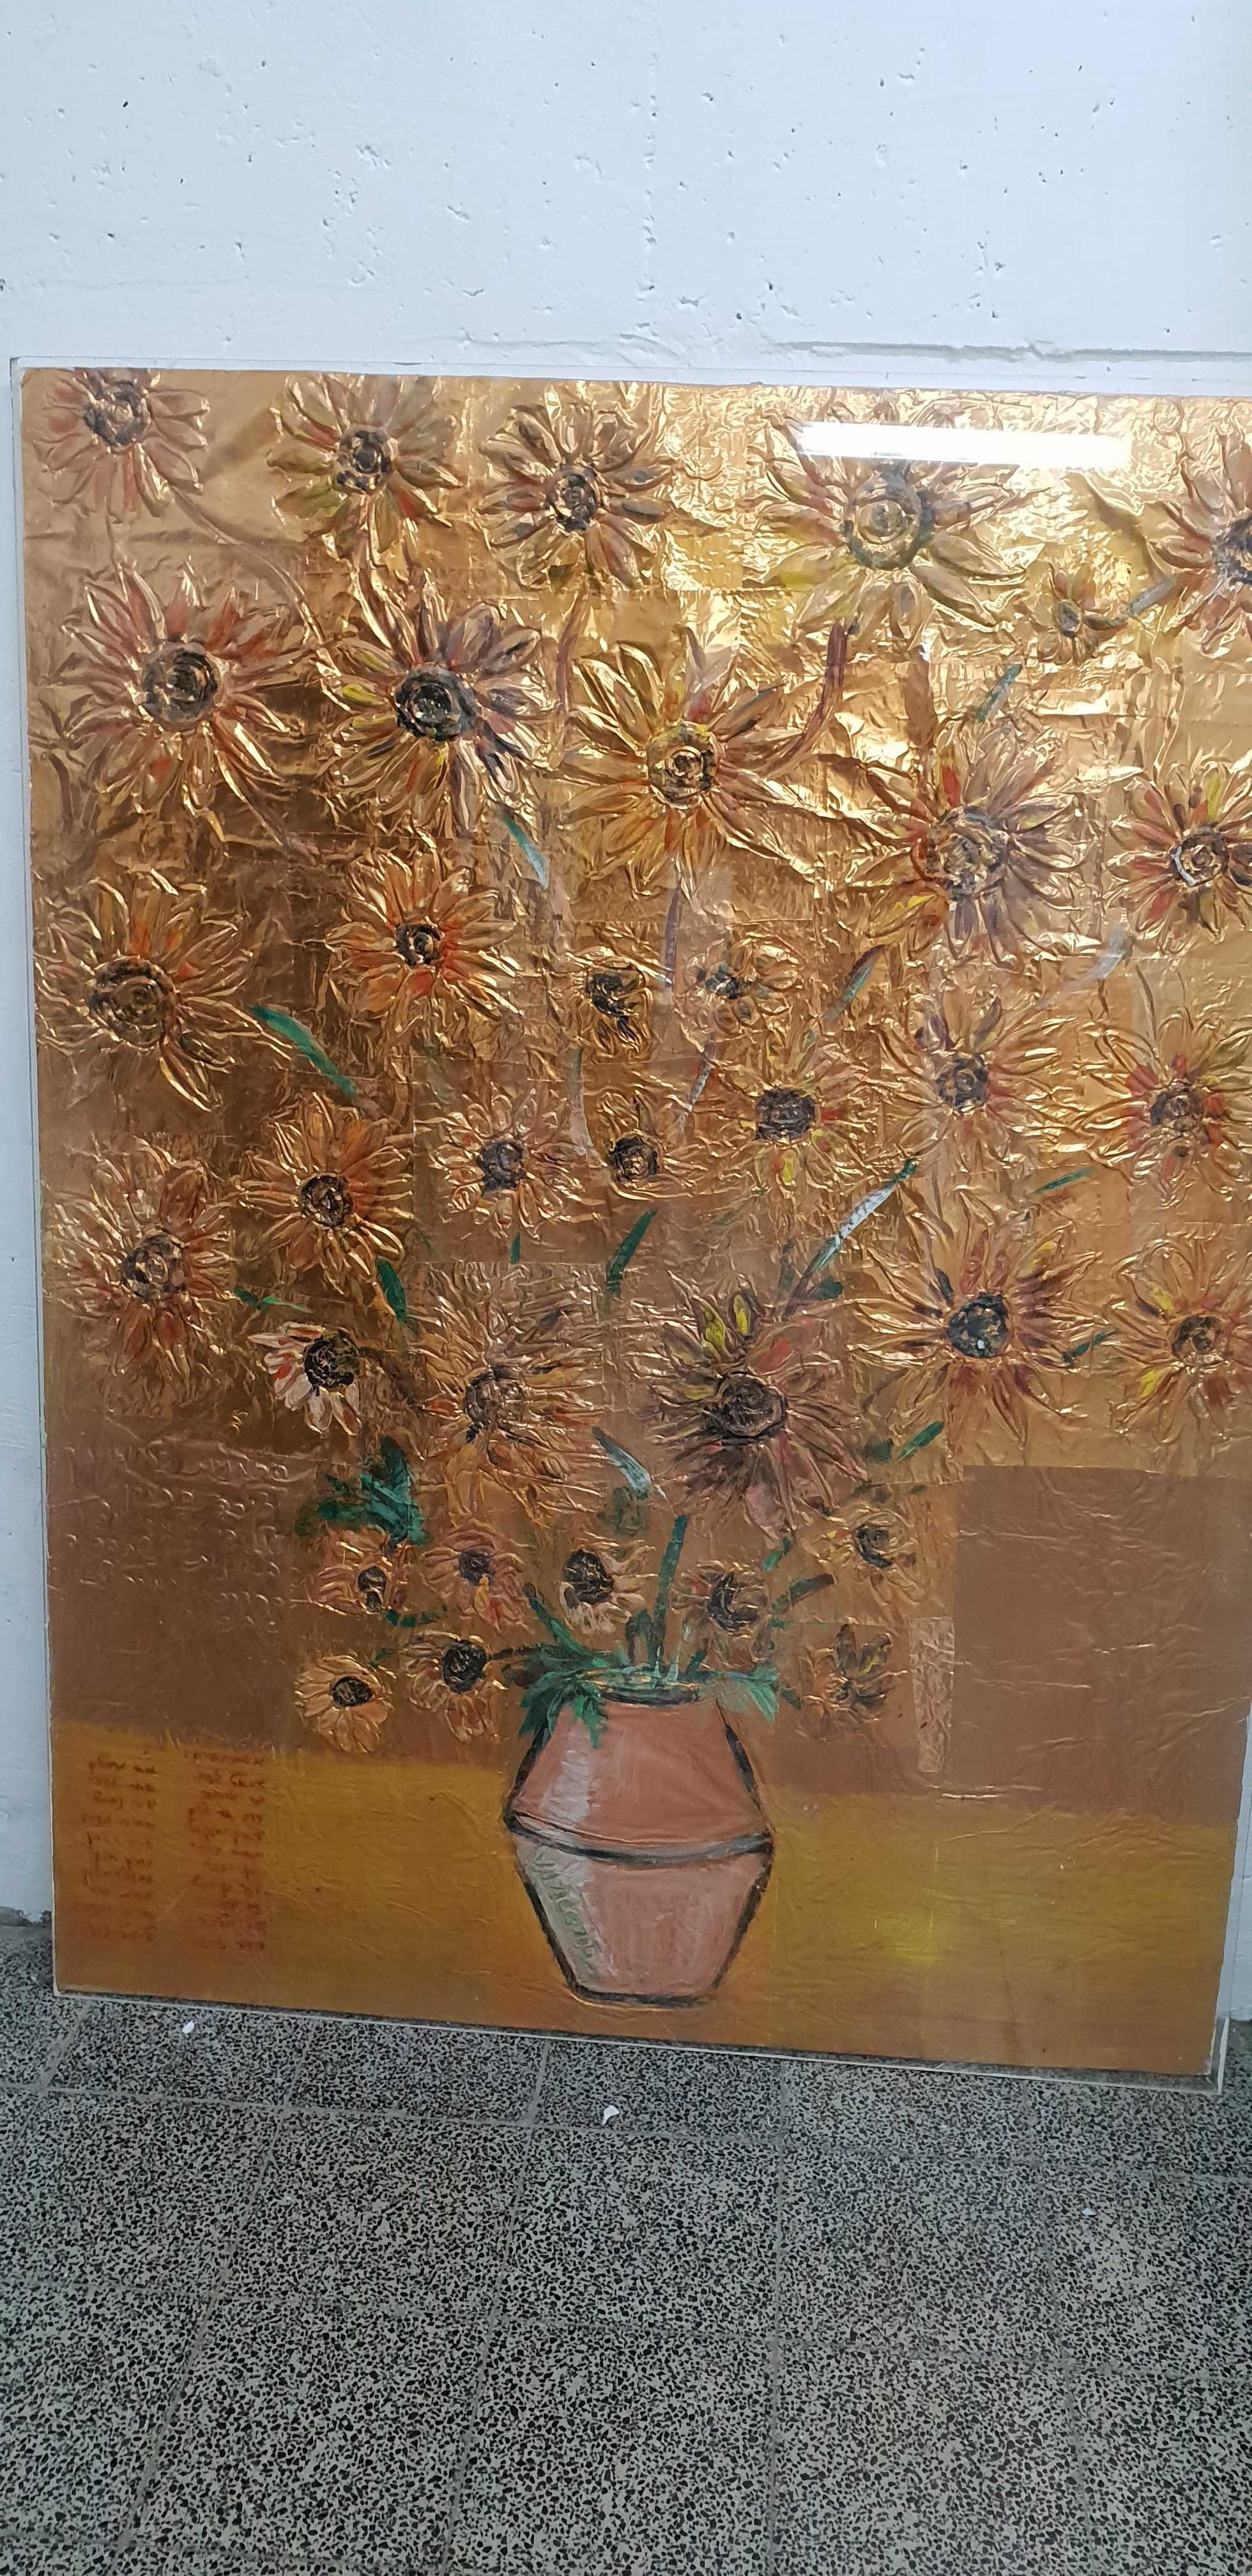 בבית ספר סביונים האמן אביב יורק משלב אומנות וטינקרינג by אילן  - Ourboox.com